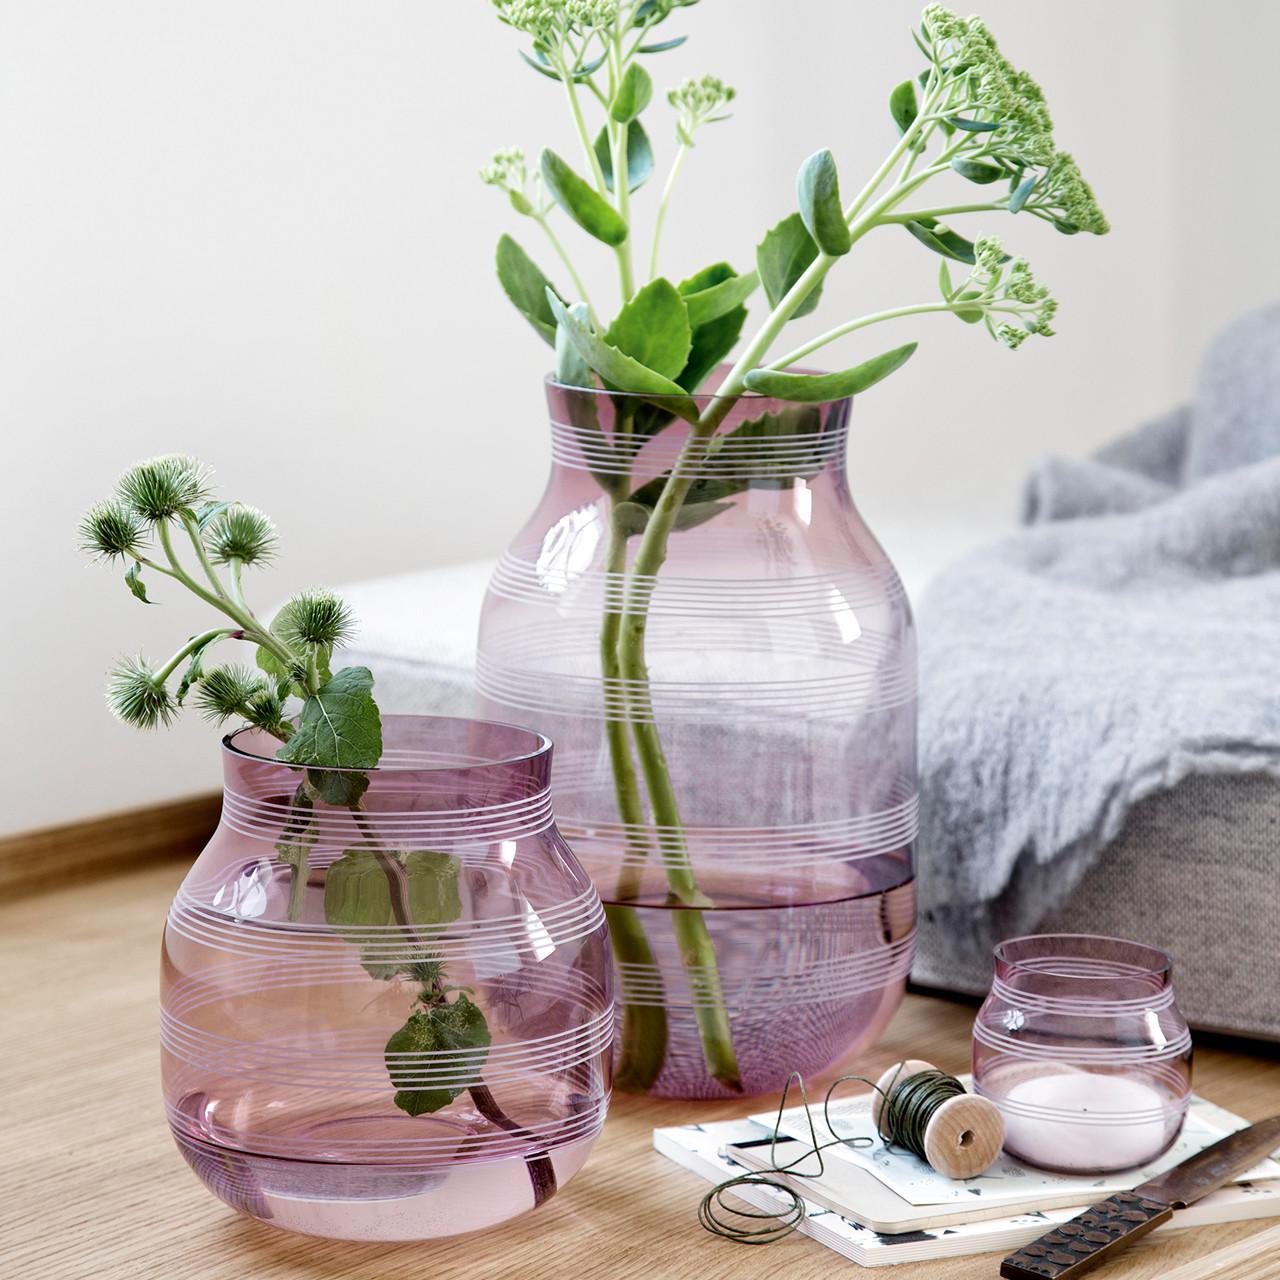 Khler Omaggio Vase H 17 Cm Blomme Kb Her